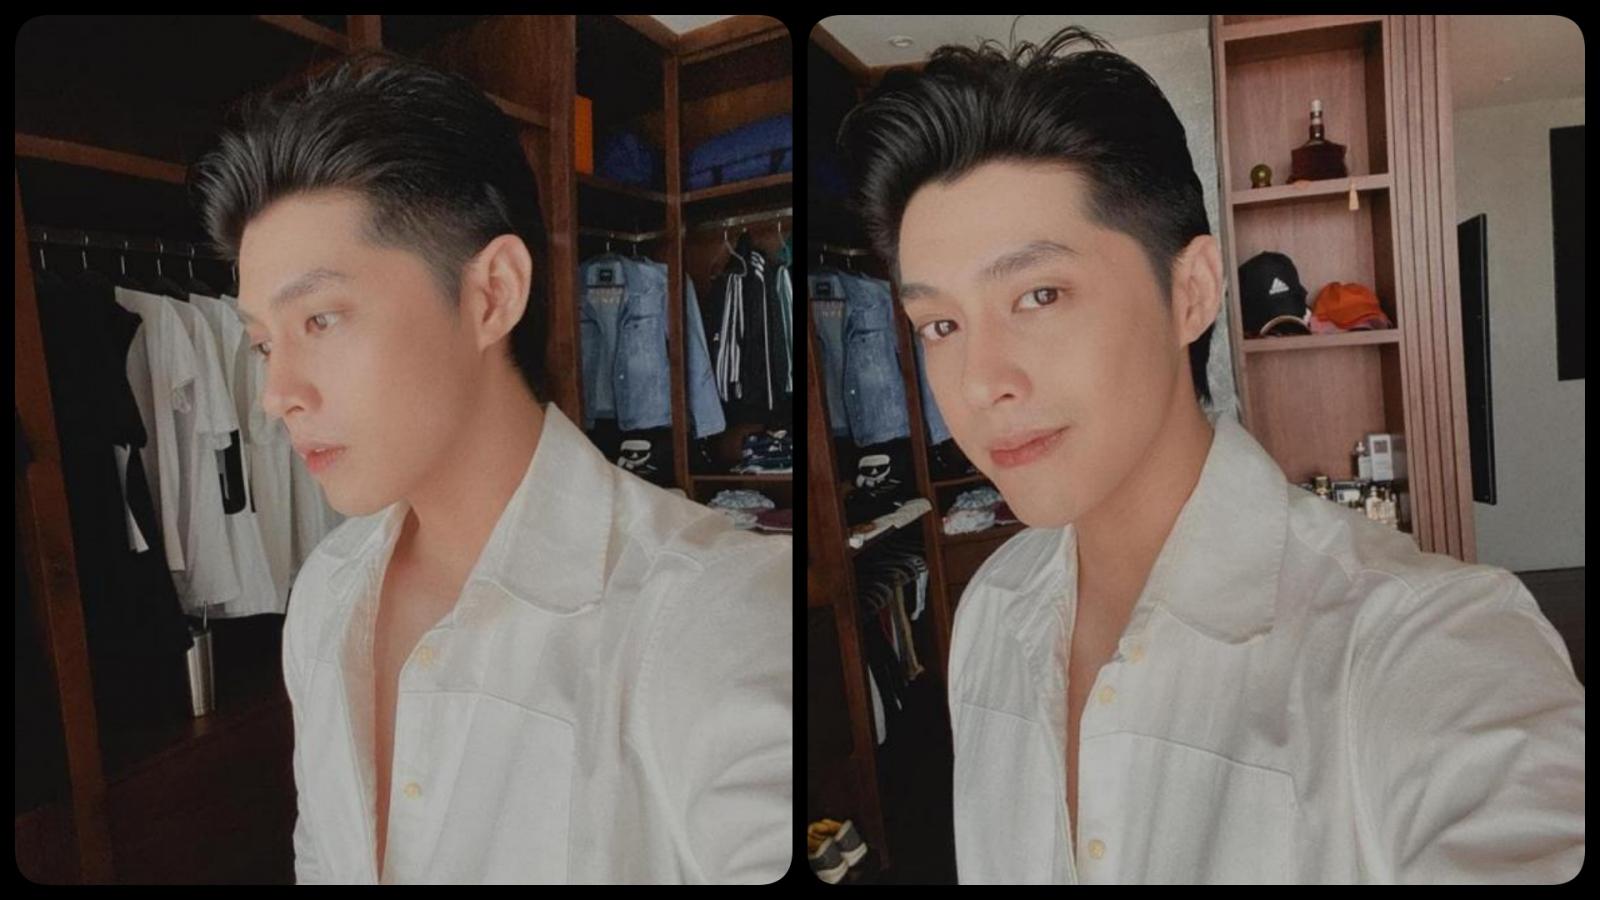 """Chuyện showbiz: Noo Phước Thịnh khoe vẻ đẹp trai như """"nam thần"""" trên trang cá nhân"""